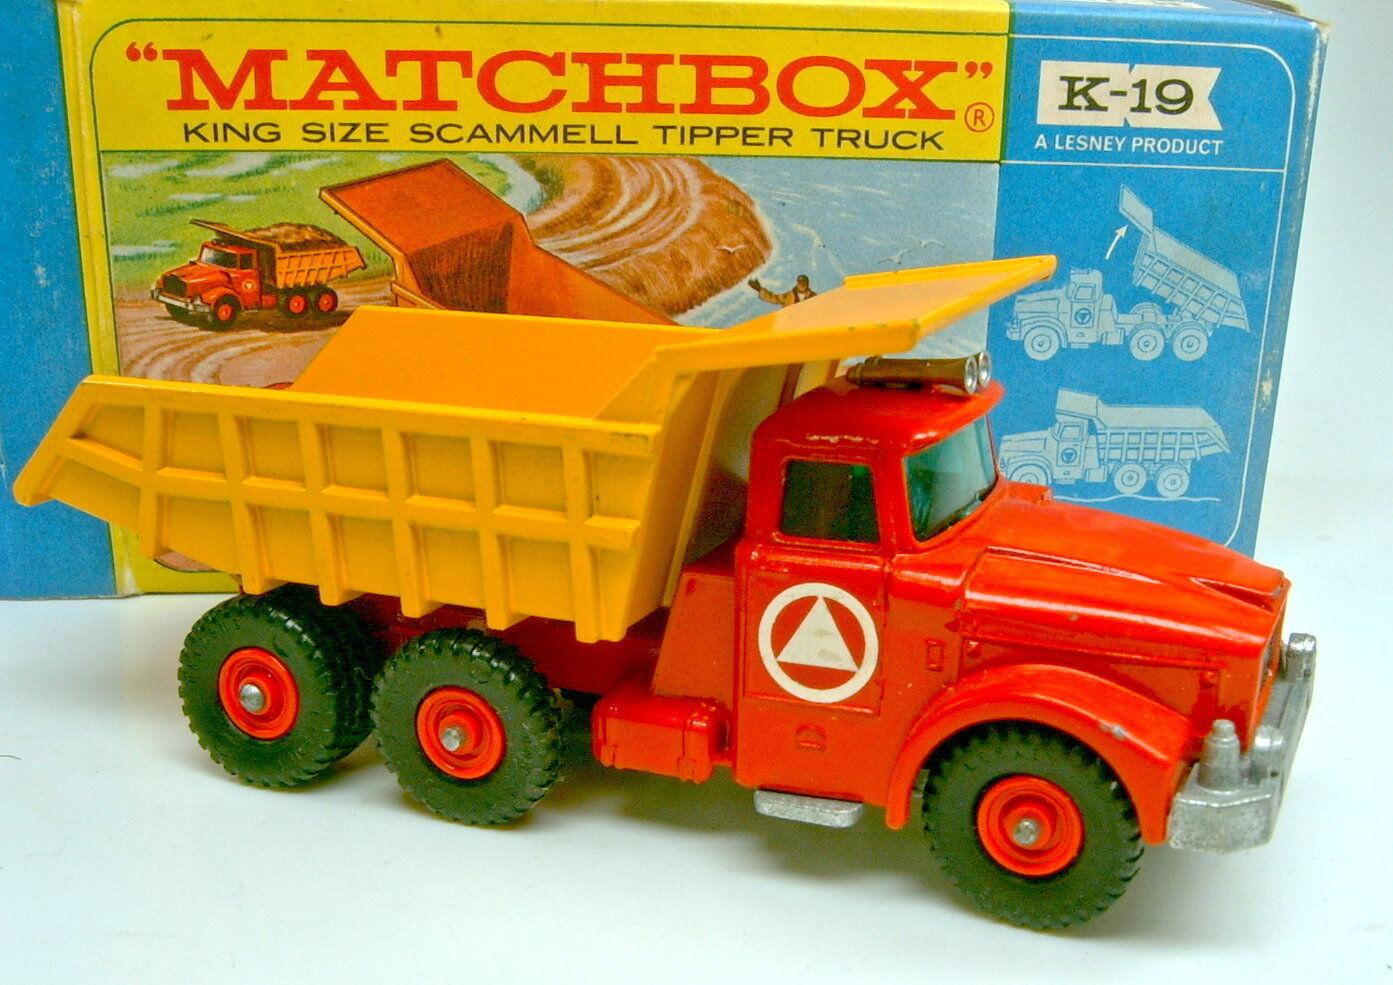 Matchbox KingDimensione k-19a scammel tipper Truck muy bien en Box